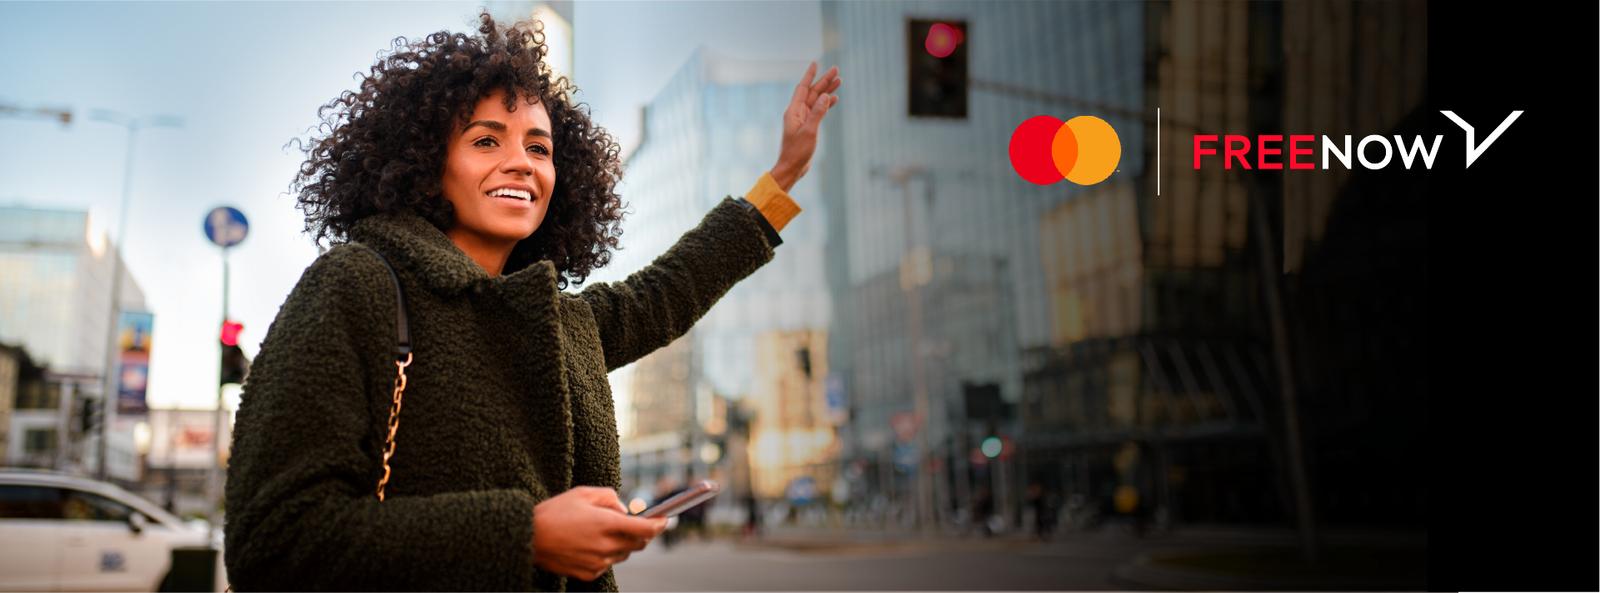 [Neukunden]Freenow 3x bis zu 5€* auf deine nächsten Fahrten mit Taxi oder Ride - Mastercard®!